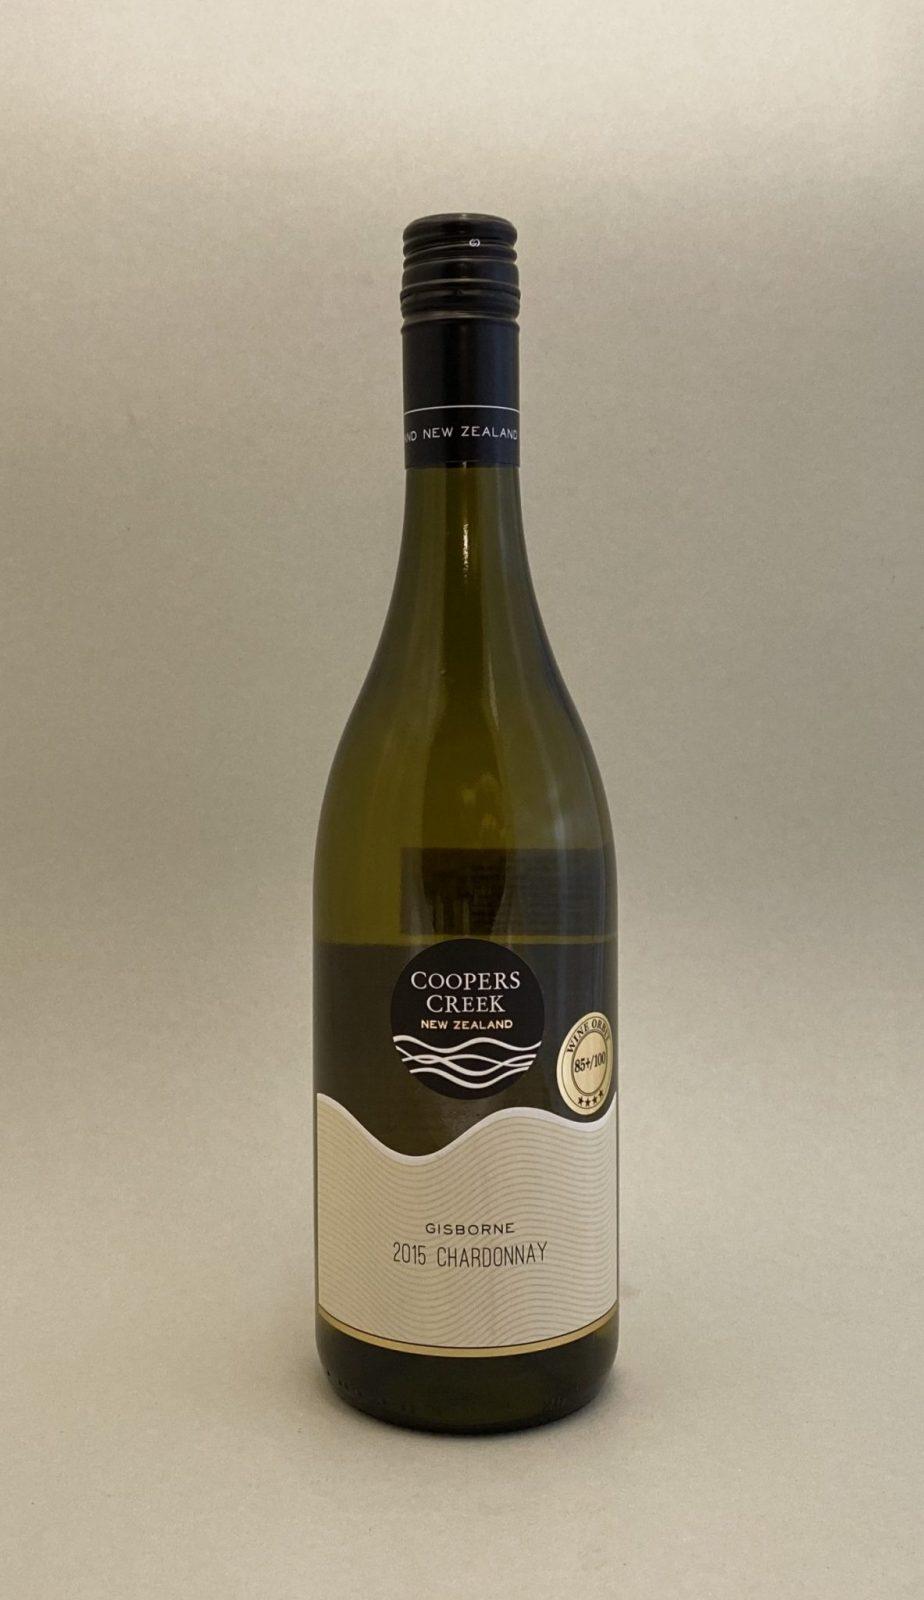 COOPERS CREEK Chardonnay 2015, vinoteka Sunny wines slnecnice mesto, Bratislava petrzalka, vino biele z Nového Zélandu